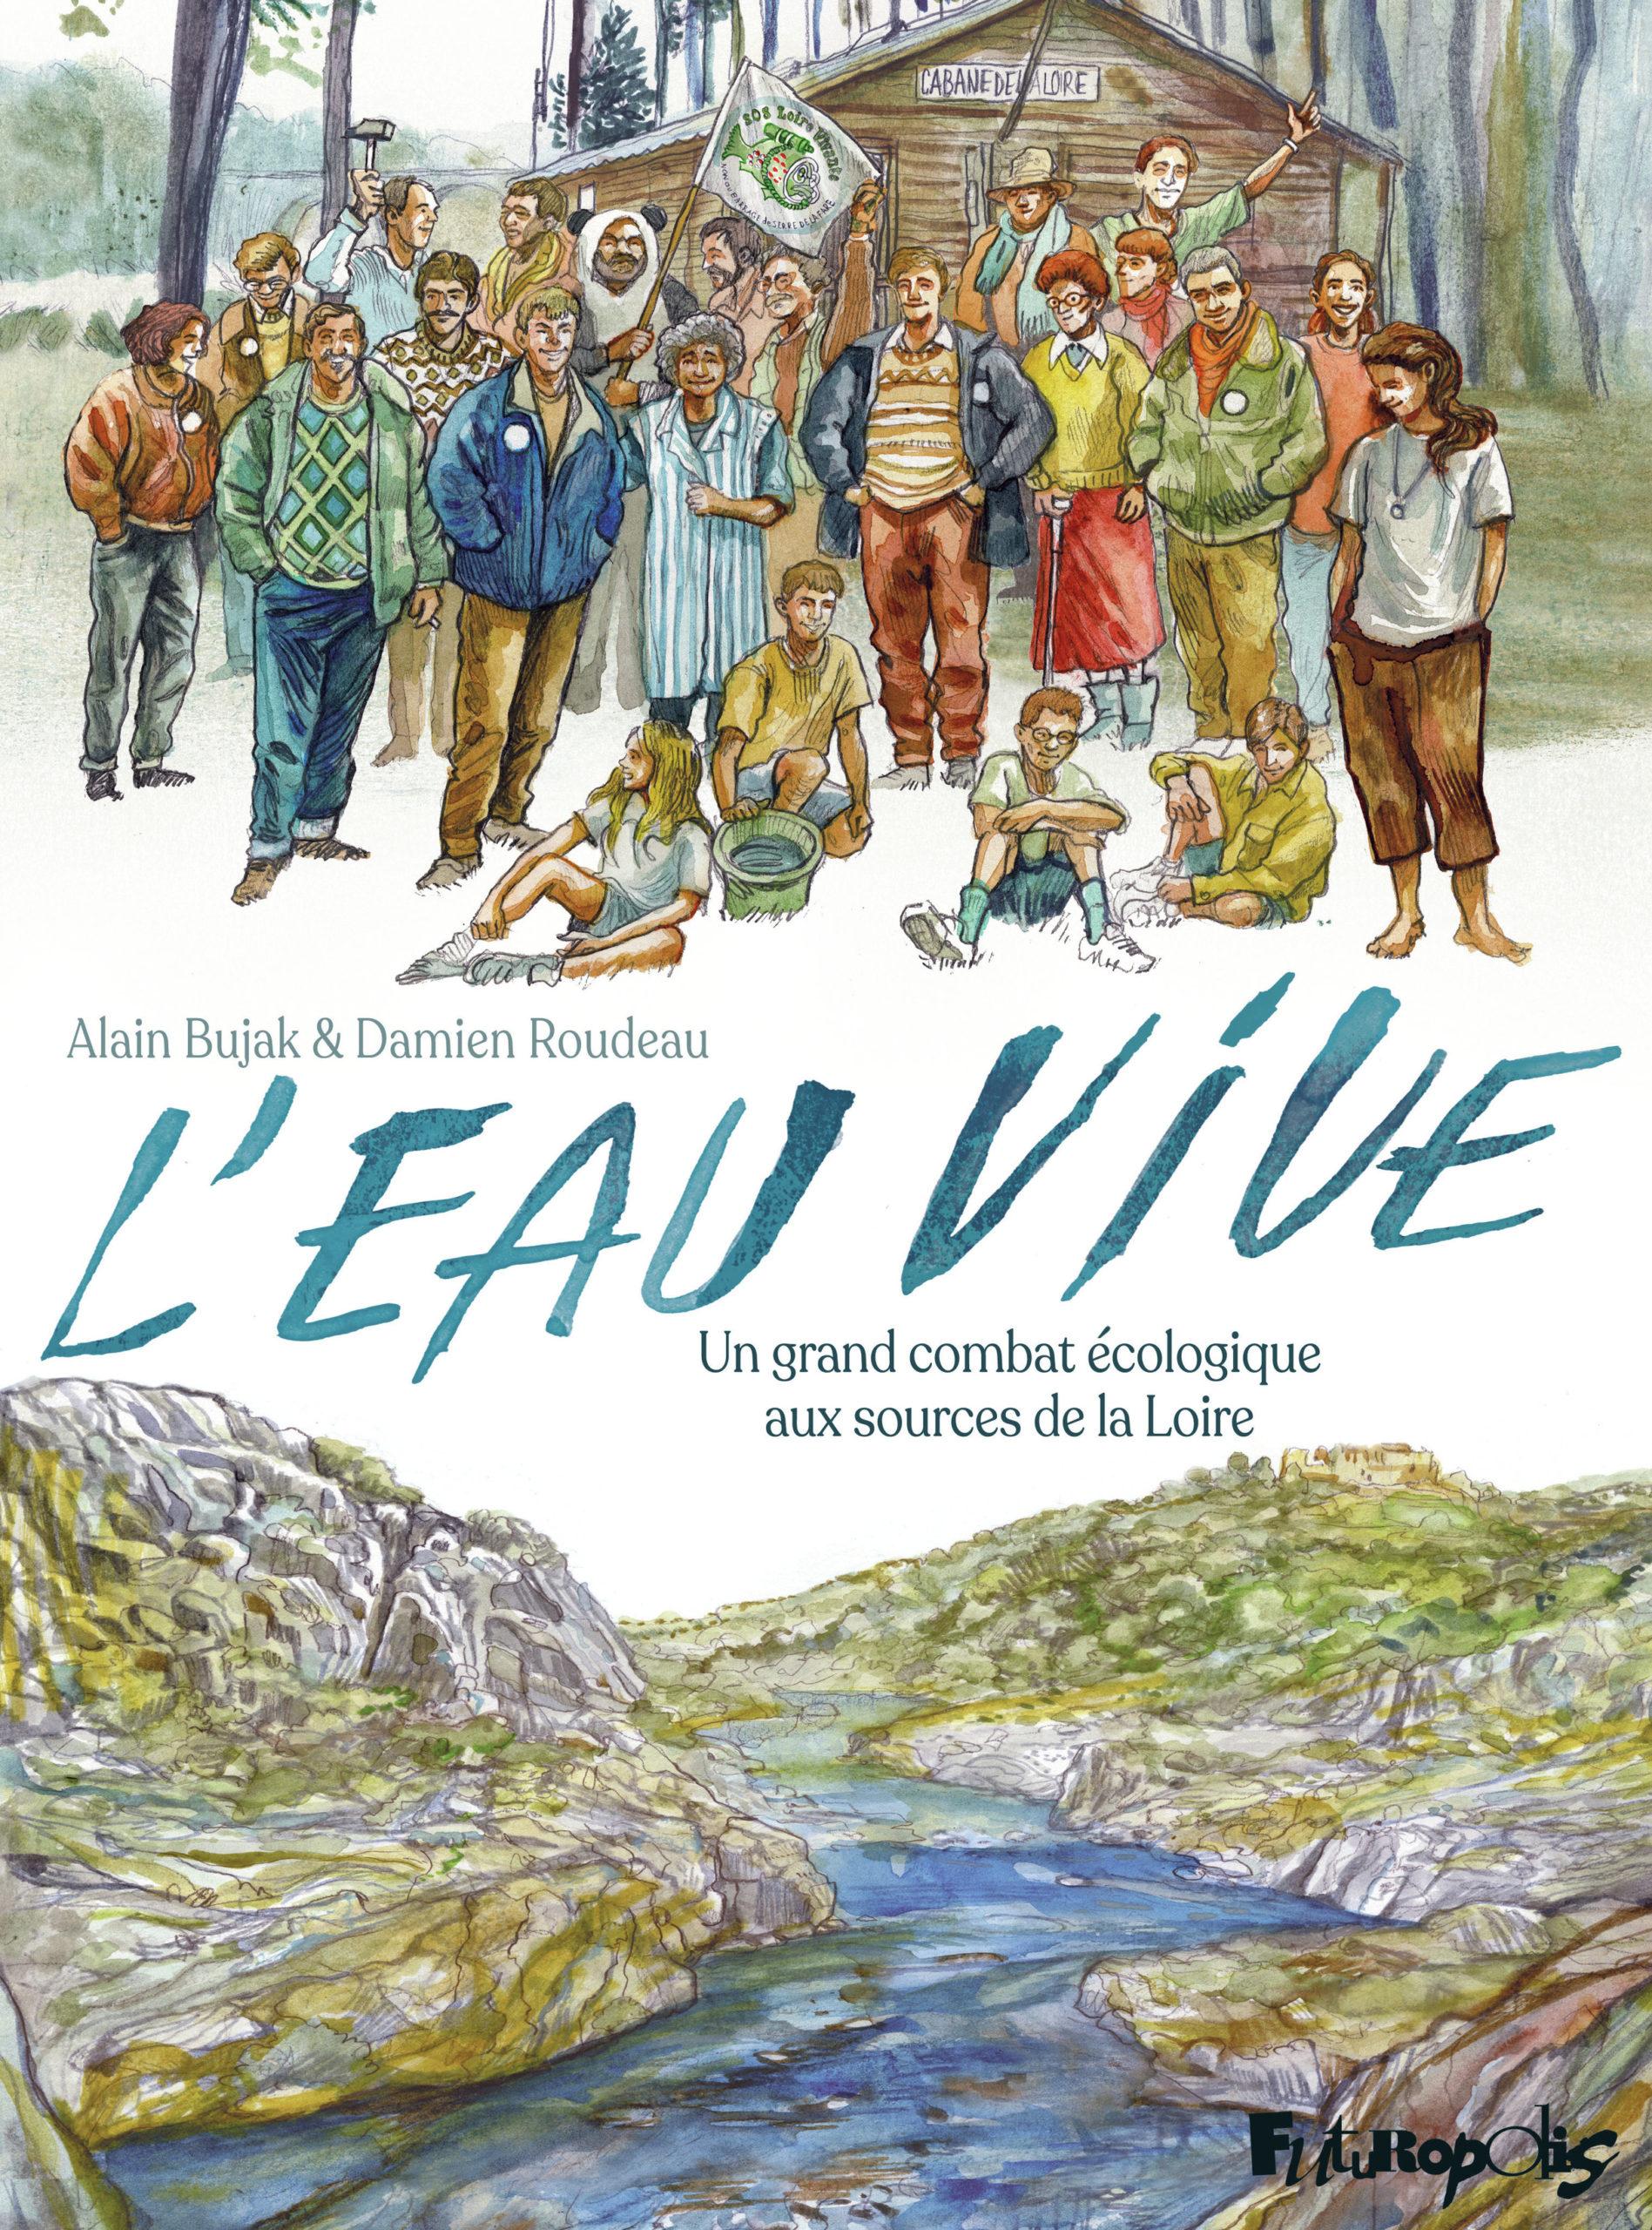 L'Eau Vive – Un grand combat écologique aux sources de la Loire